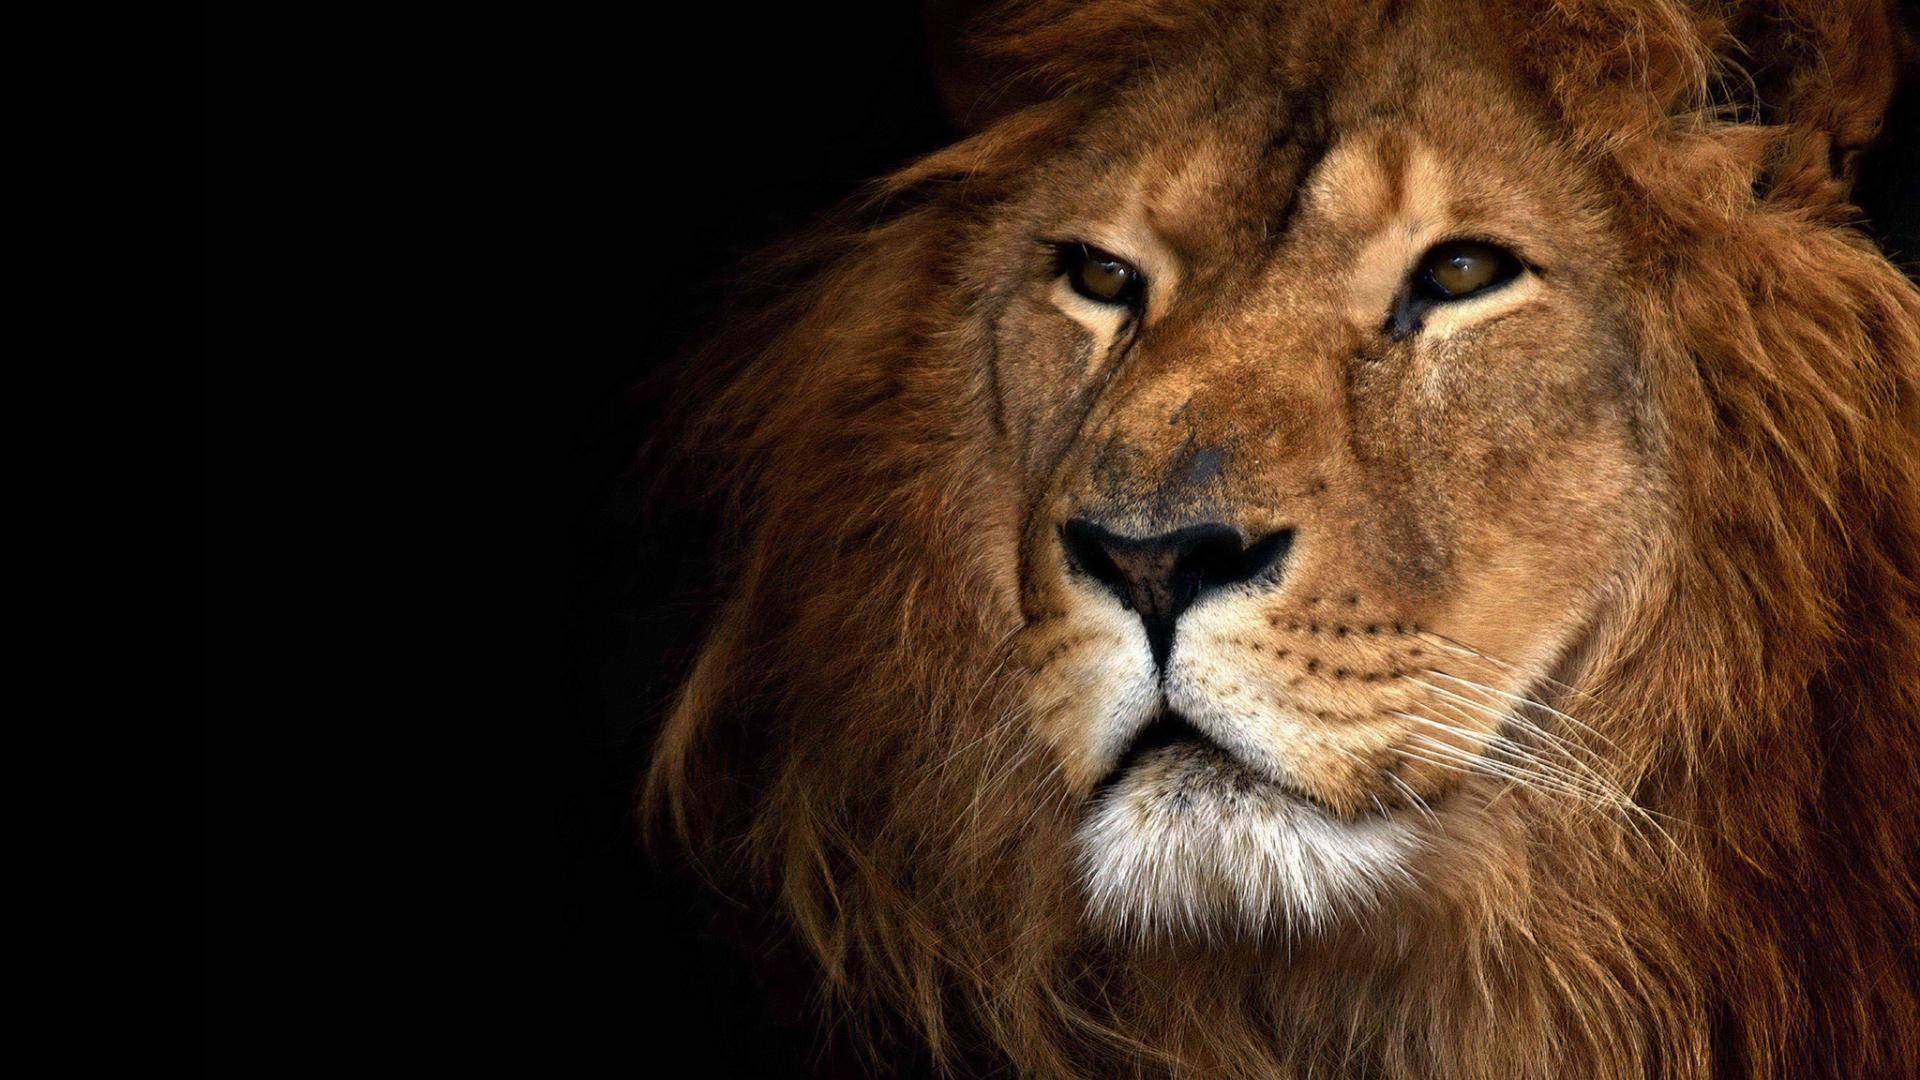 Lion Roaring Desktop Wallpaper 23848 Hd 1920x1080